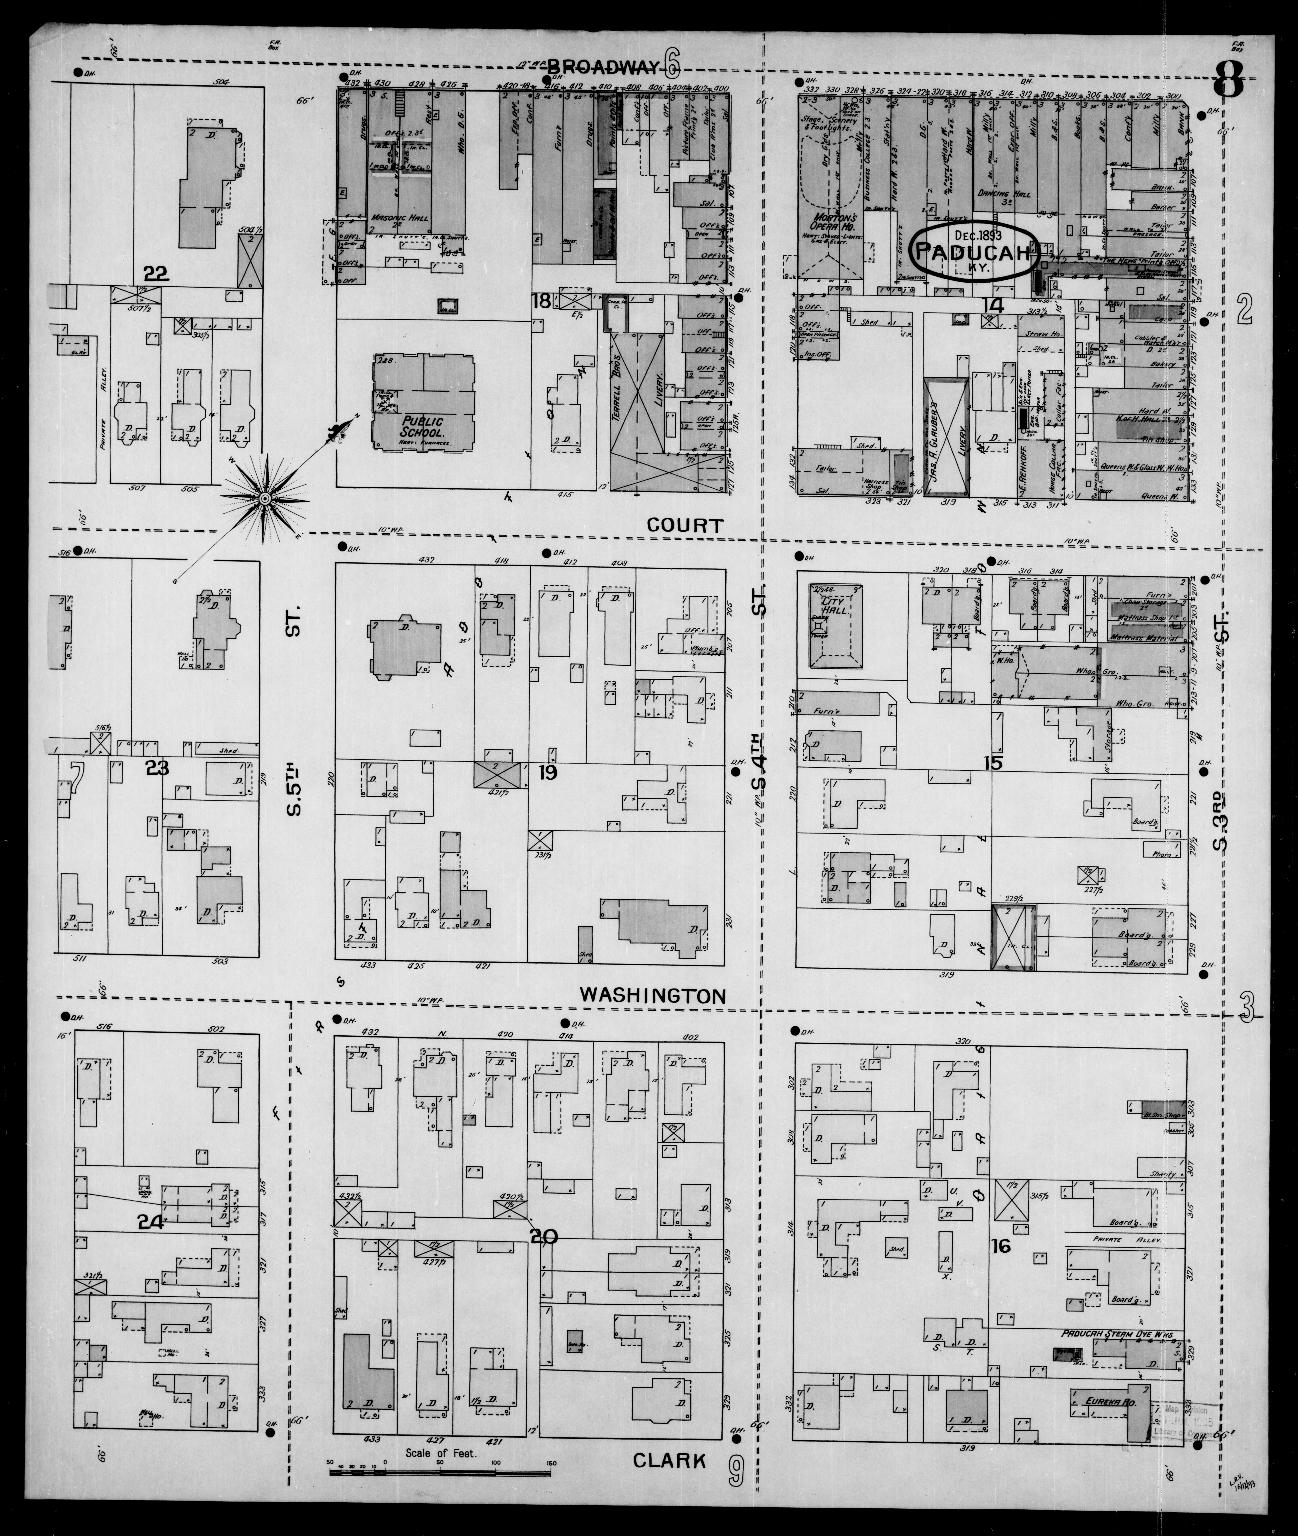 Sheet 8